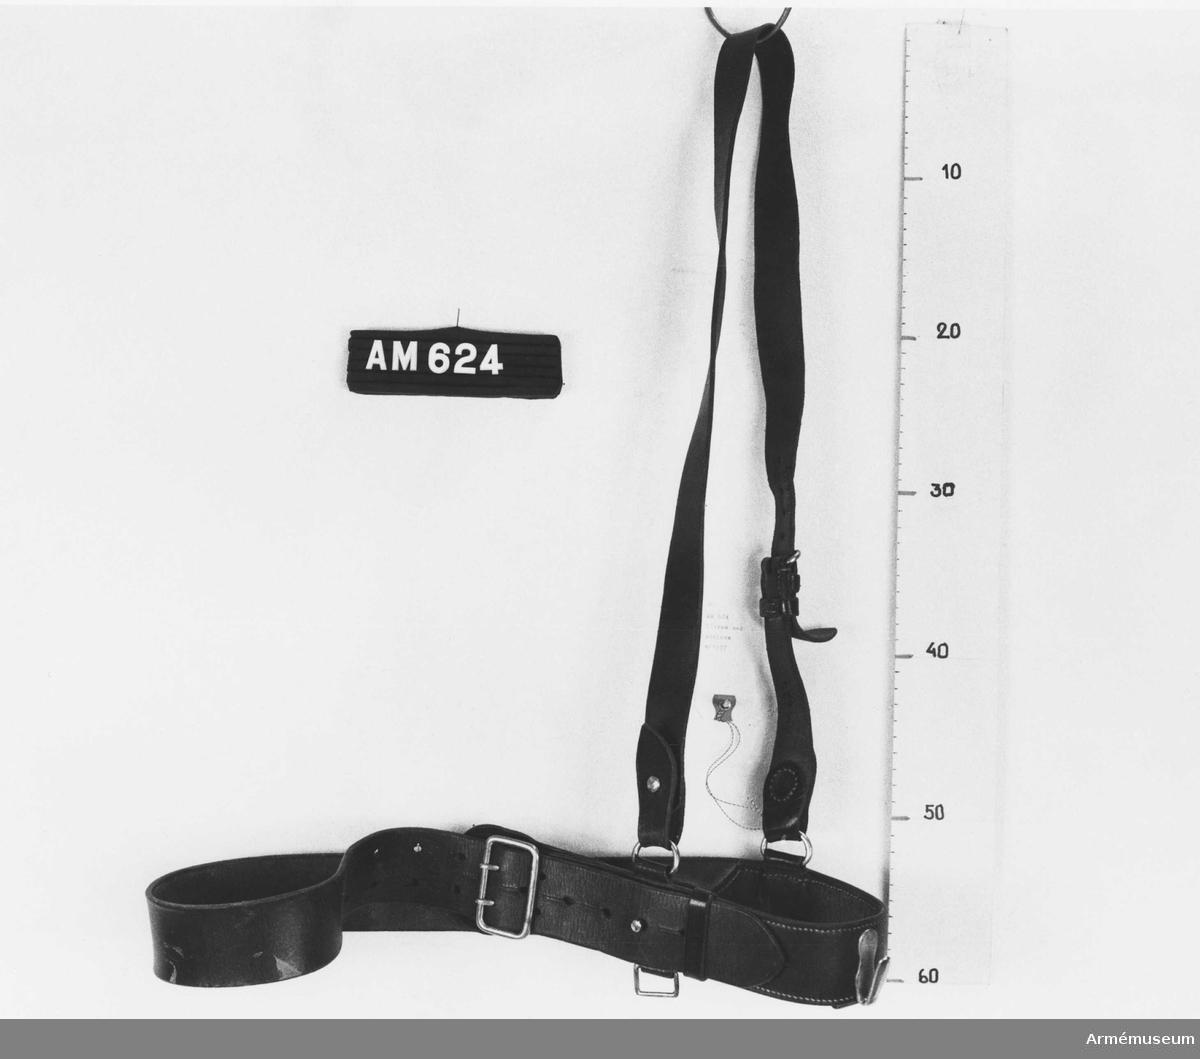 Samhörande nr är 624-625. Livrem med axelrem m/1937. Livrem och axelrem i brunt läder med spänne och övriga metalldelar av vitmetall, m/1937 för officer och underofficer. Livremmen sammanhålles genom ett kraftigt spänne (40x60 mm) med två torn. Livremmens tamp fasthålles i sitt läge med en sölja och en kraftig knapp på hals. En kraftig krok och tre olikformade ringar håller bajonetten på plats. Axelremmen fästs vid livremmen medelst två ringar. Remmen är ställbar med spänne med torn, hål och sölja.